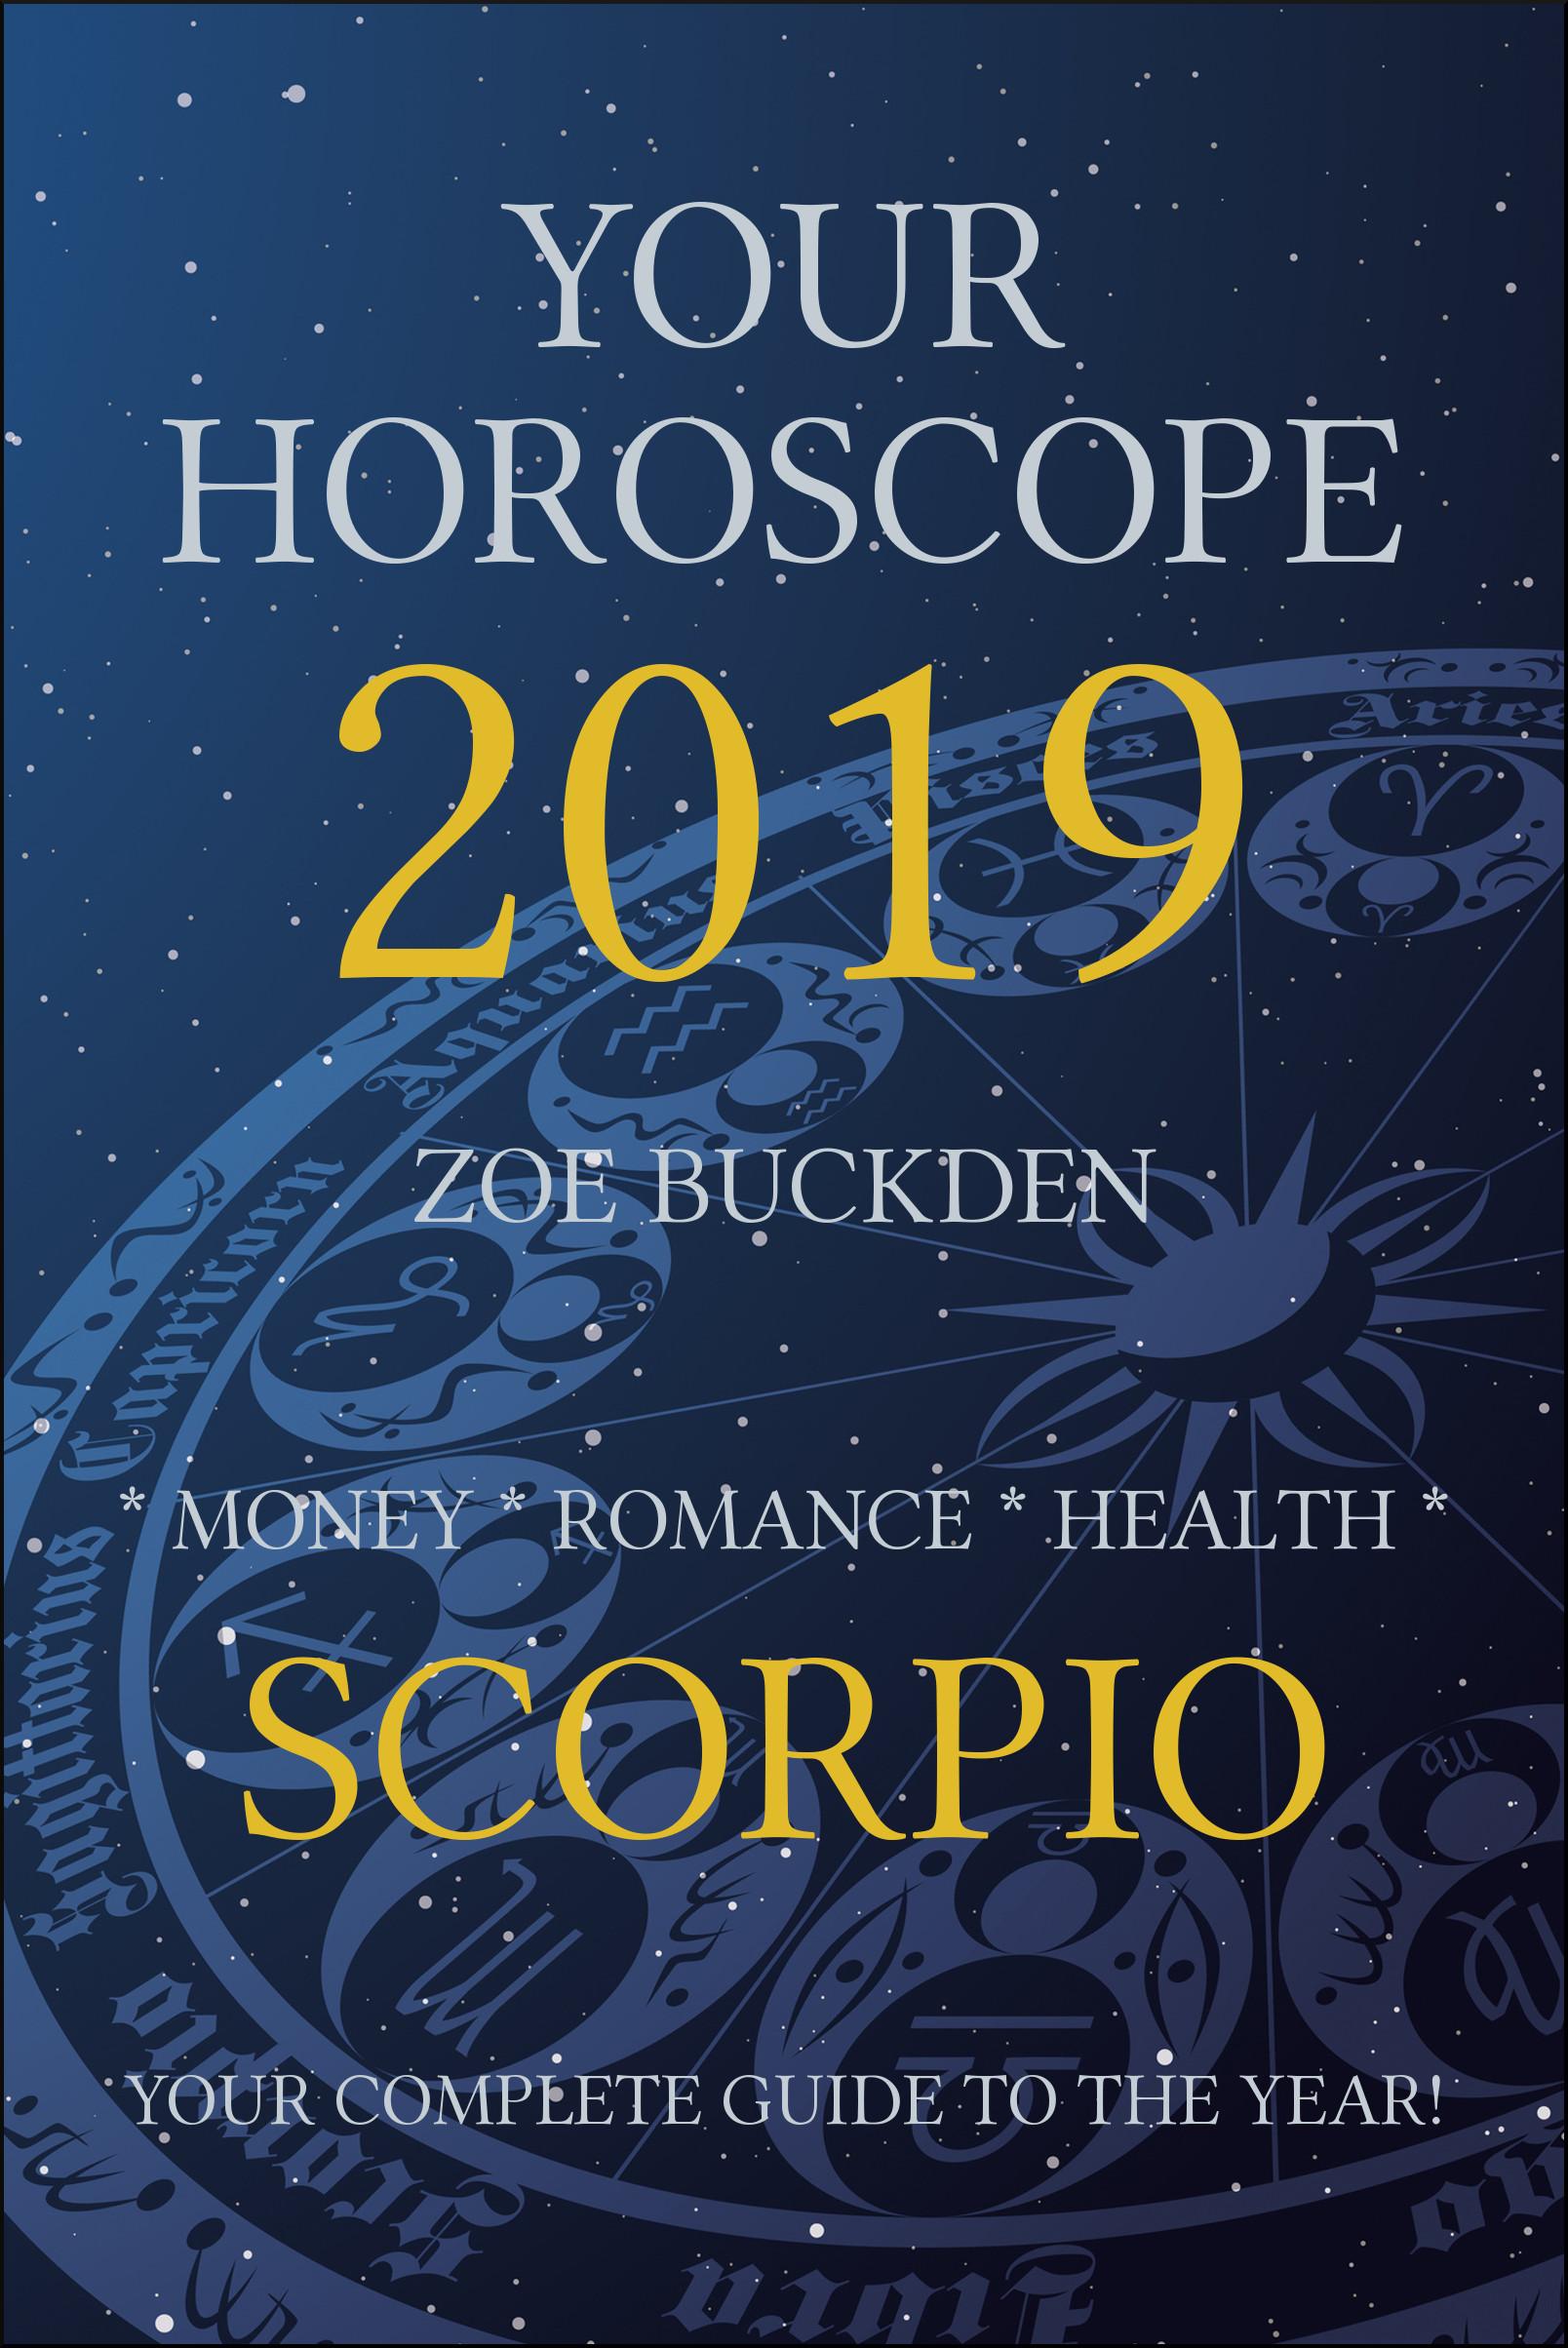 Your Horoscope 2019: Scorpio, an Ebook by Zoe Buckden